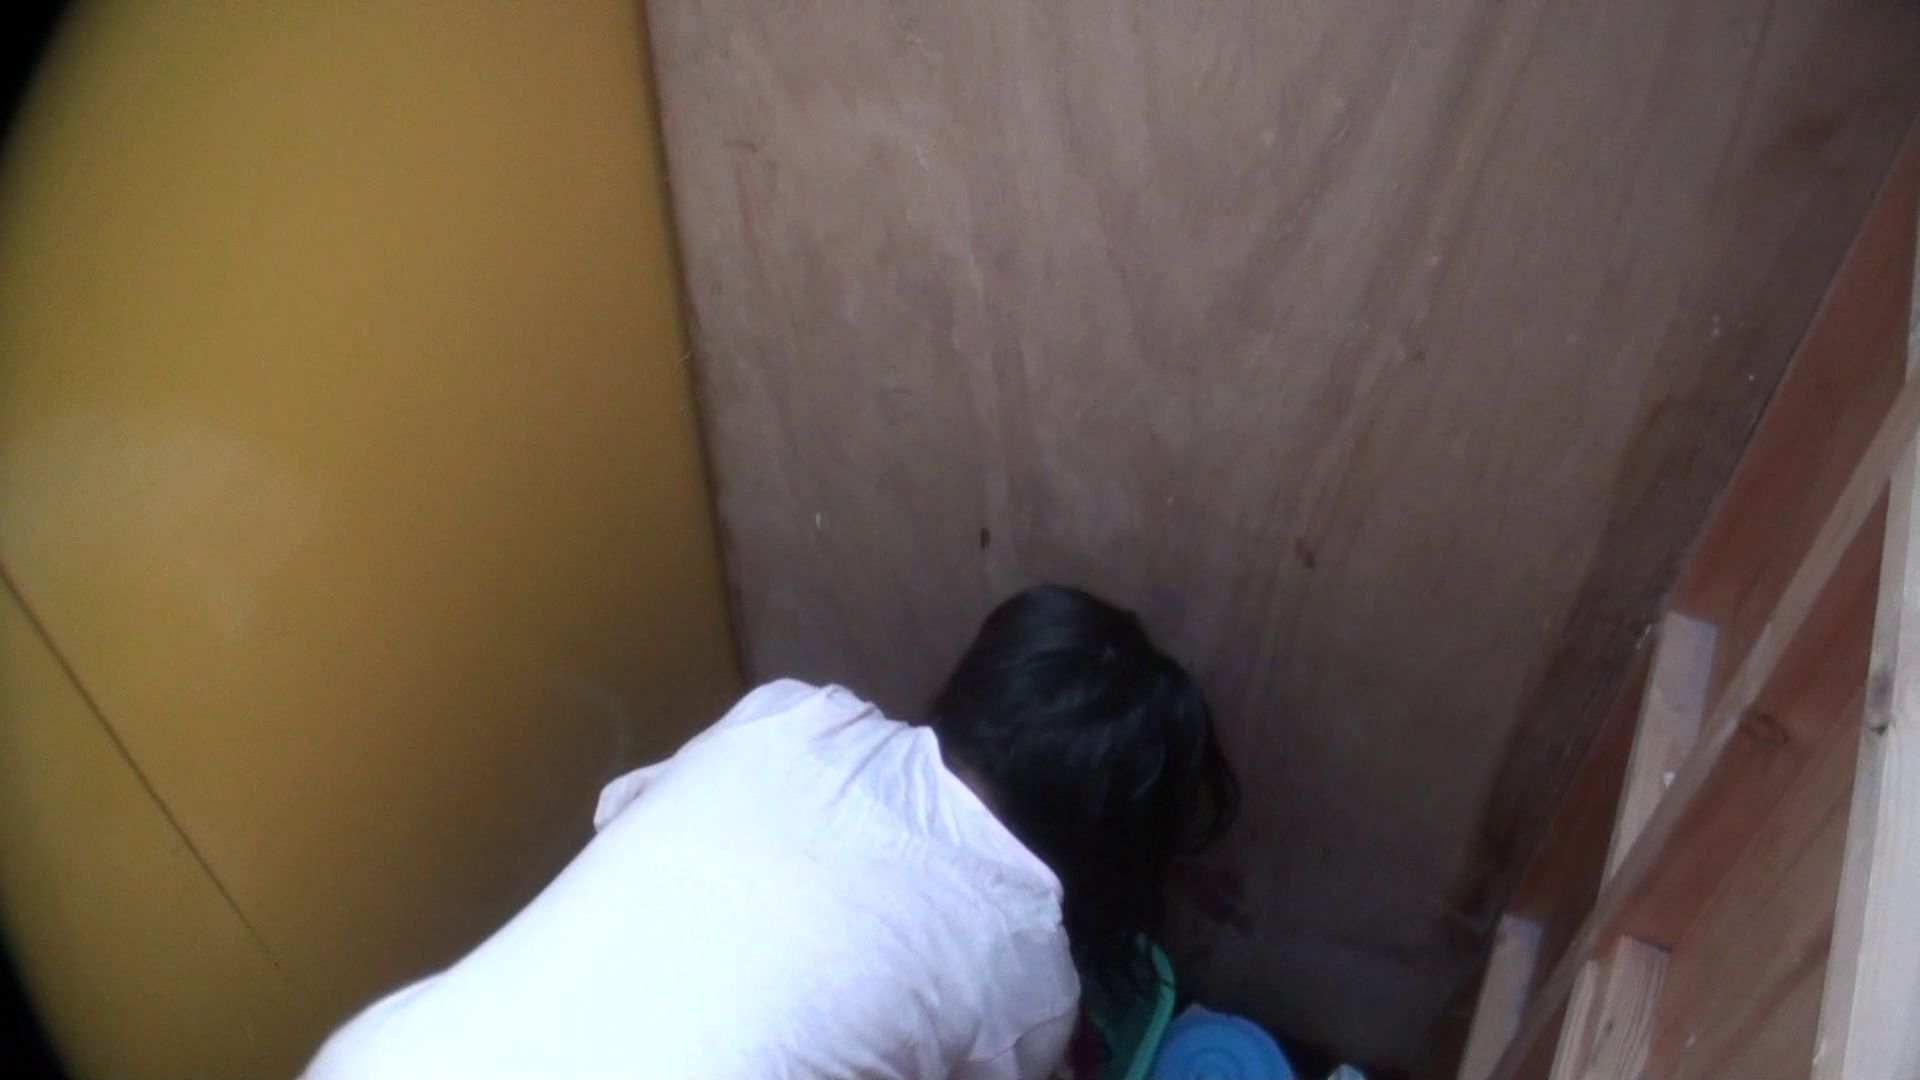 シャワールームは超!!危険な香りVol.13 ムッチムチのいやらしい身体つき シャワー  111pic 27